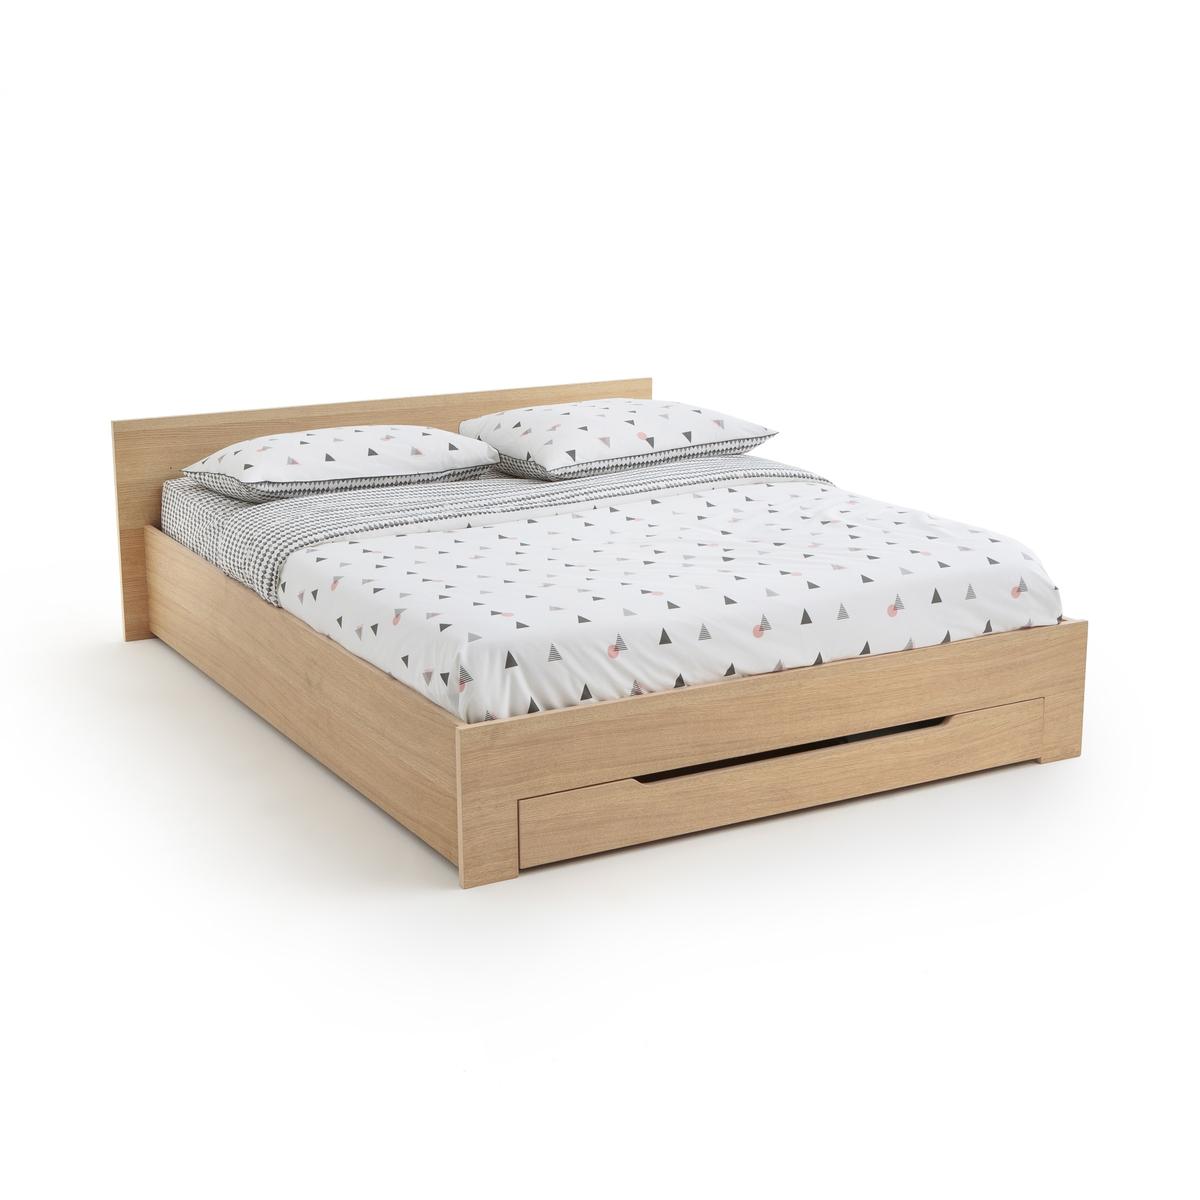 Кровать La Redoute С каркасом для матраса и выдвижным ящиком CRAWLEY 140 x 190 см каштановый мат для защитный для автомобиля мастерпроф с возможностью крепления на углах и колоннах 33 x 20 x 1 см